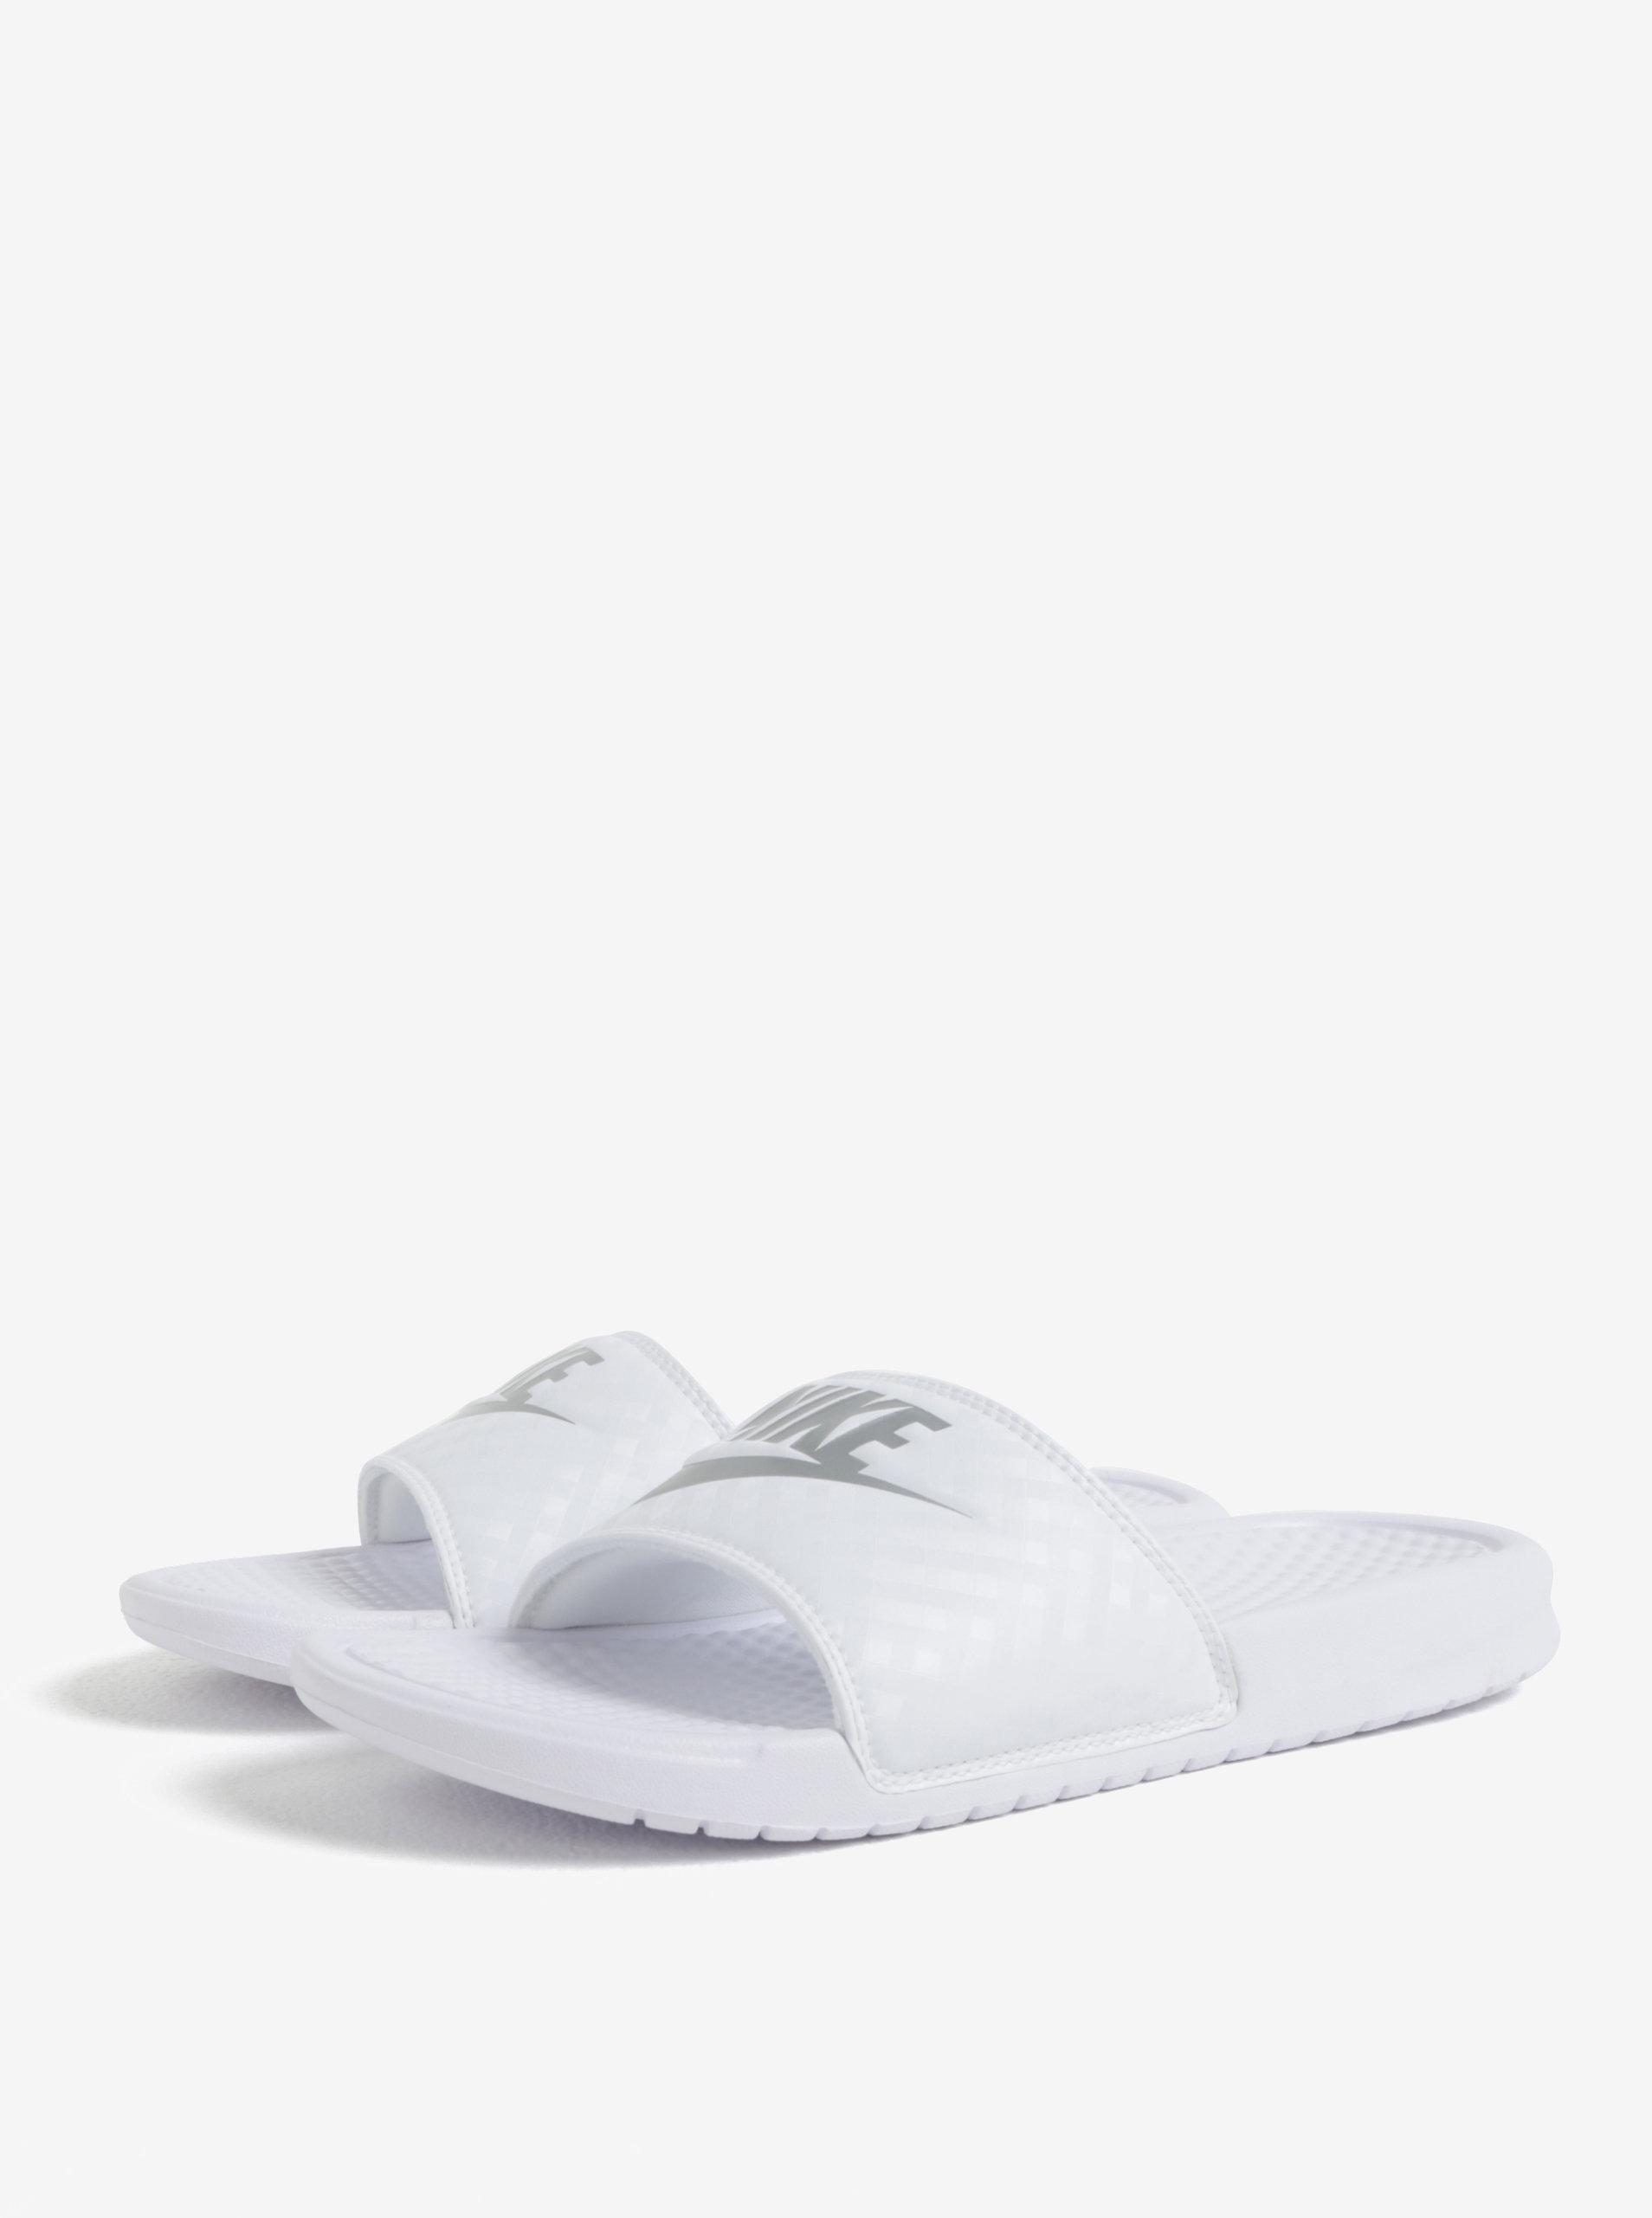 Biele dámske šľapky Nike Benassi Jdi ... 0f129018c9a